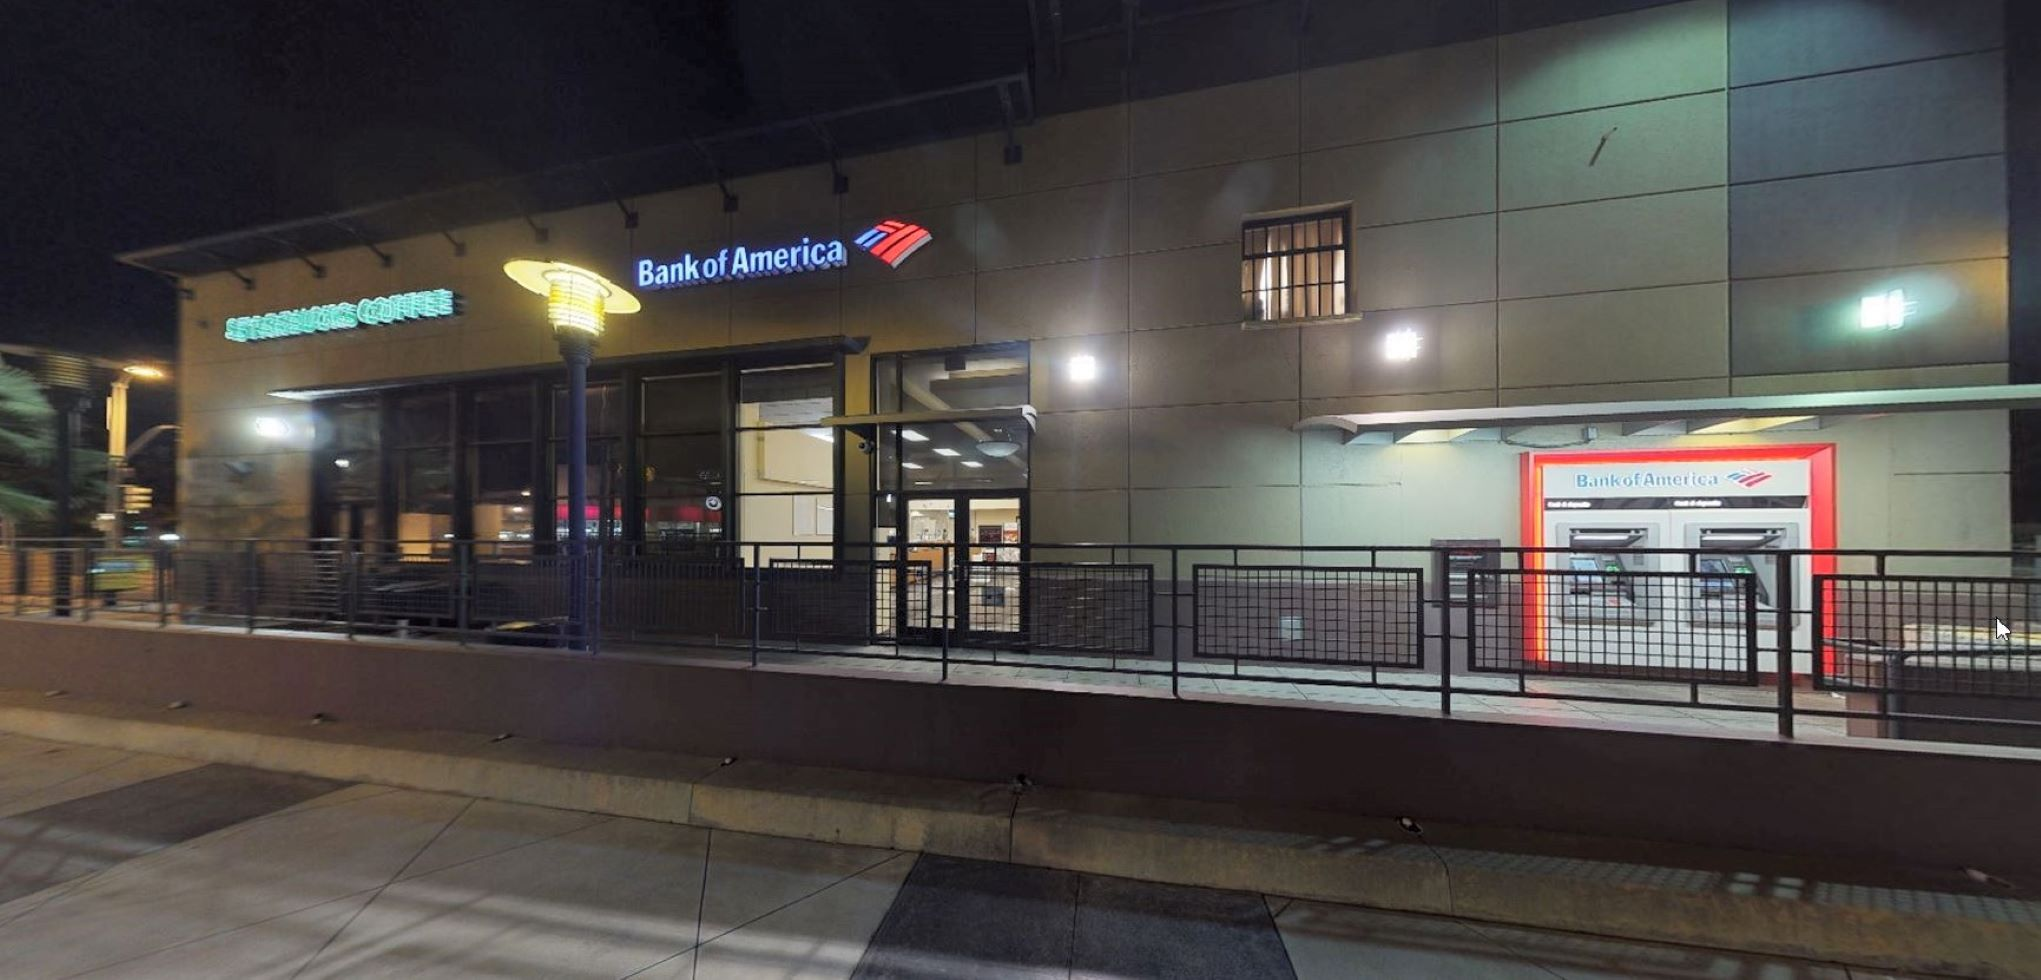 Bank of America financial center with walk-up ATM   1687 E Colorado Blvd, Pasadena, CA 91106